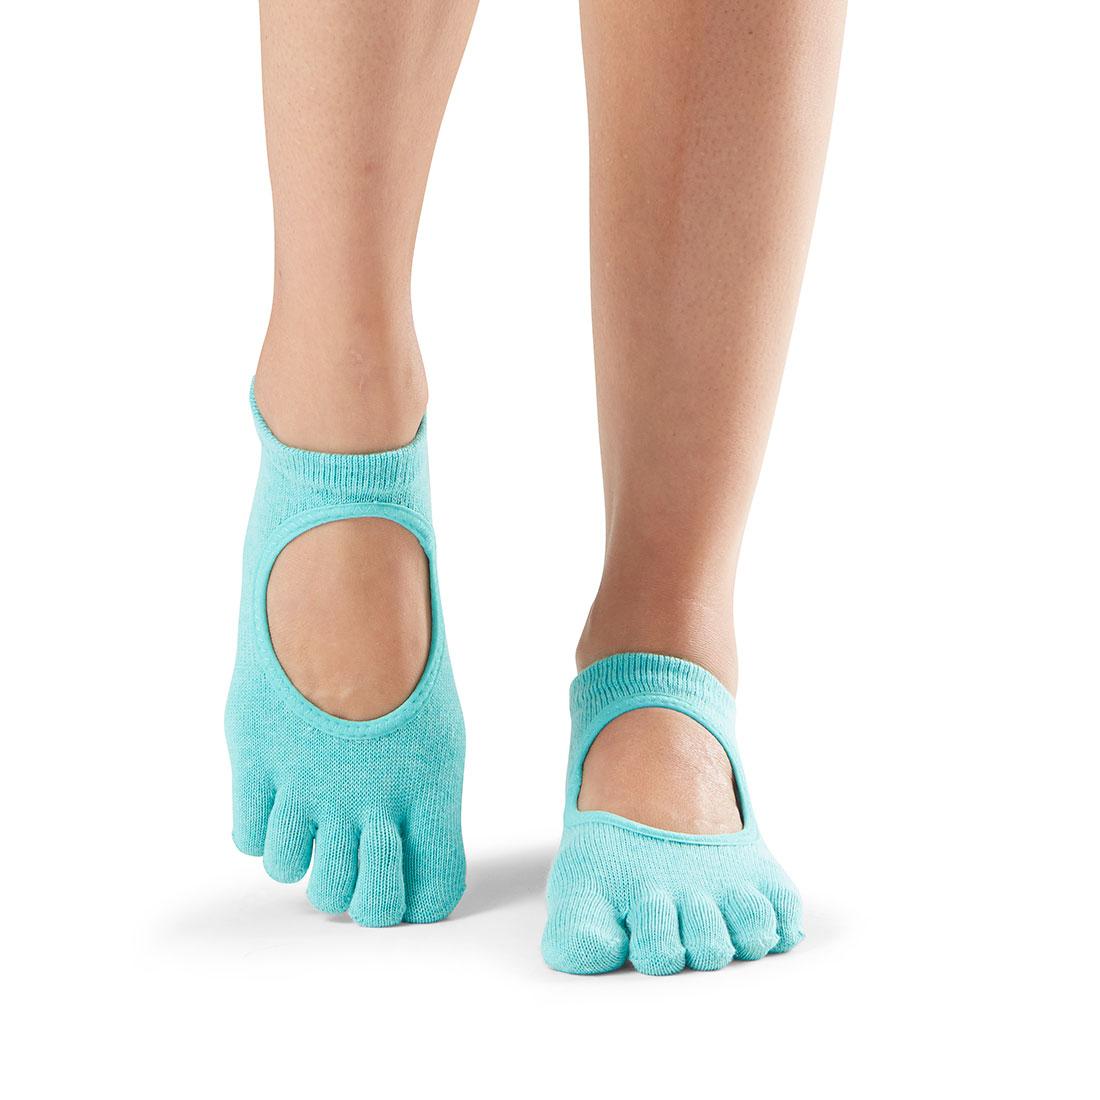 Yogasocken ToeSox Bellarina Full Toe Aqua - 1